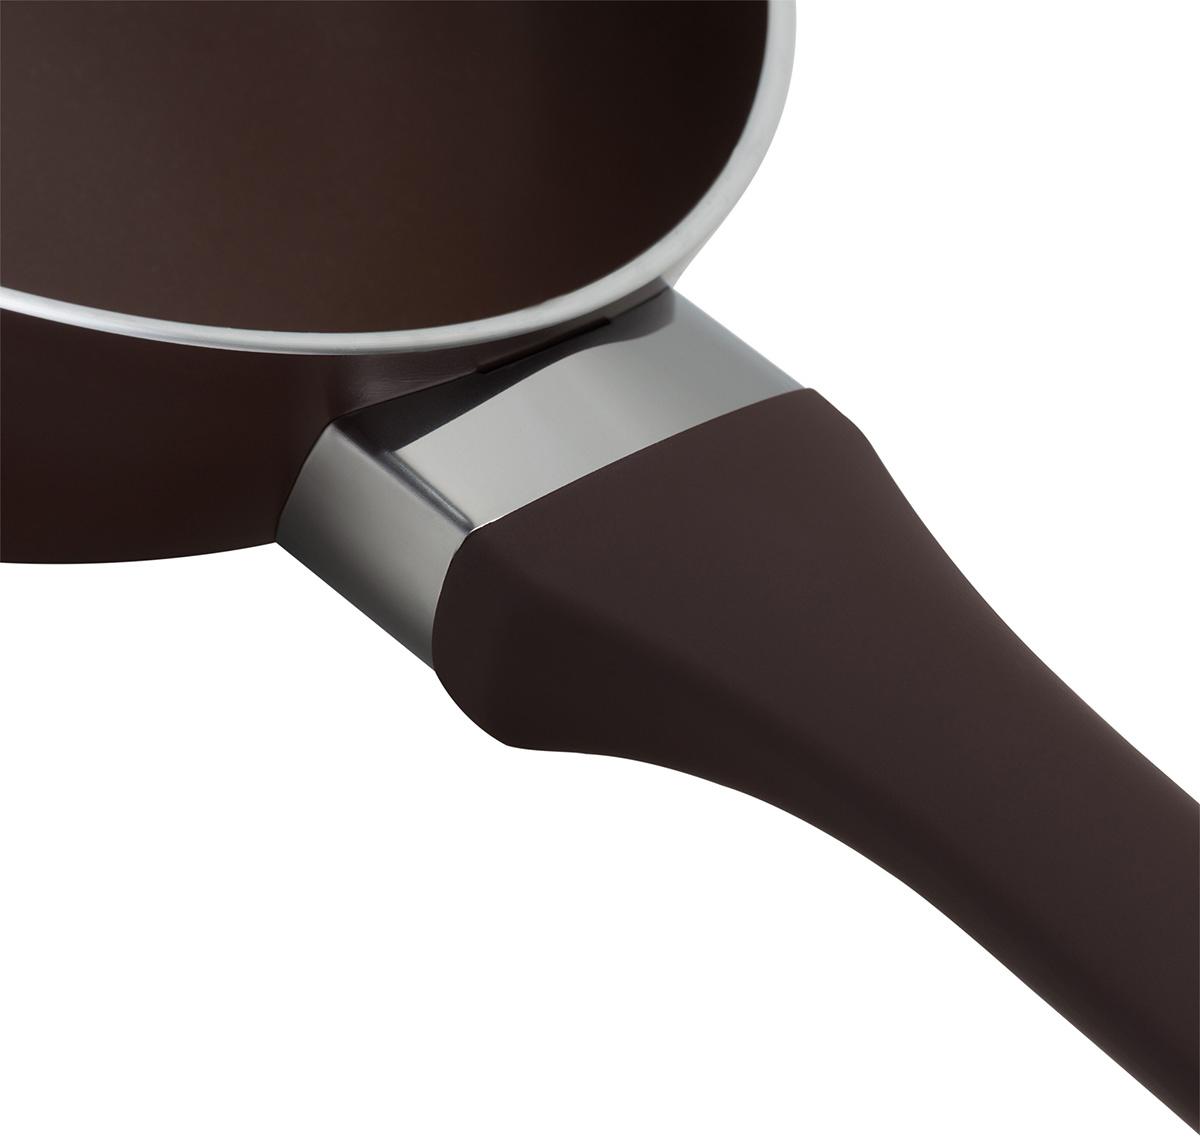 """Сковорода Polaris """"Spring"""" изготовлена из штампованного алюминия с износостойким антипригарным покрытием """"Pfluon"""". Такое покрытие предотвращает пригорание пищи и ее прилипание к стенкам. Оно абсолютно безопасно для здоровья и не выделяет вредных веществ во время готовки.  Сковорода оснащена эргономичной ручкой с покрытием """"soft-touch"""", которая не нагревается в процессе приготовления пищи и не дает вашим рукам обжечься. Посуда подходит для газовых, электрических и стеклокерамических плит. Не рекомендуется мыть в посудомоечной машине."""